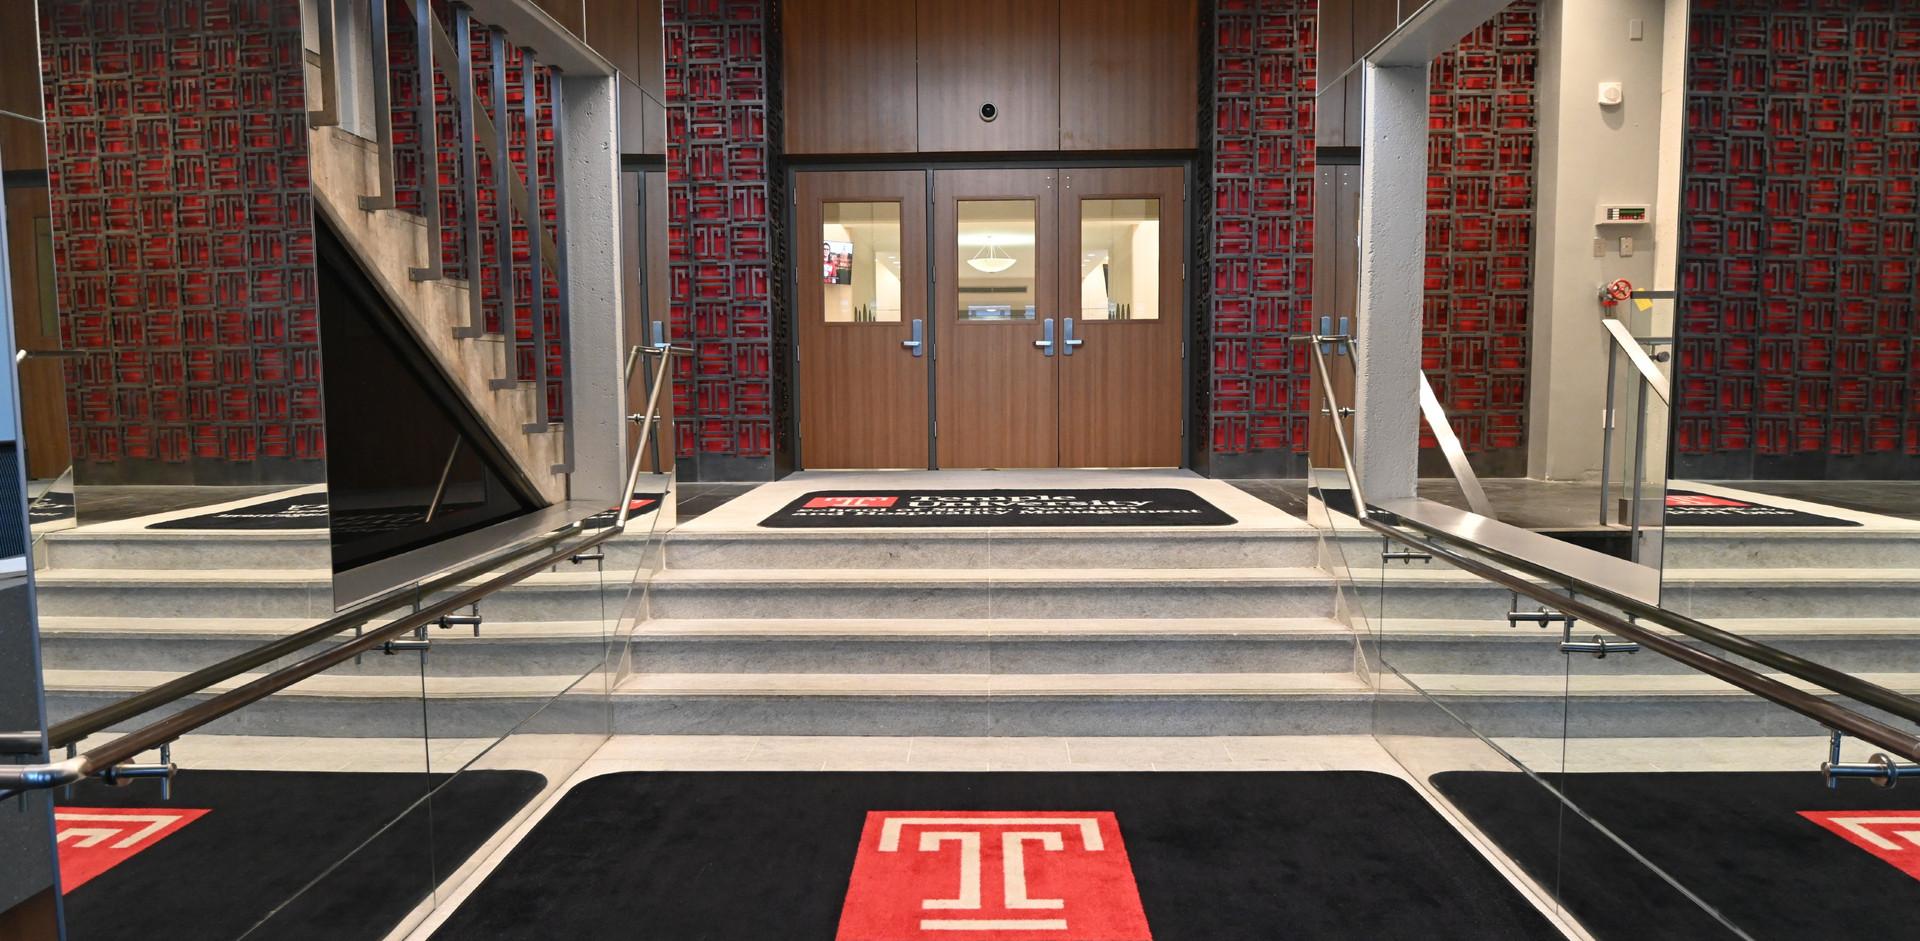 Temple University Speakman Hall East Lob